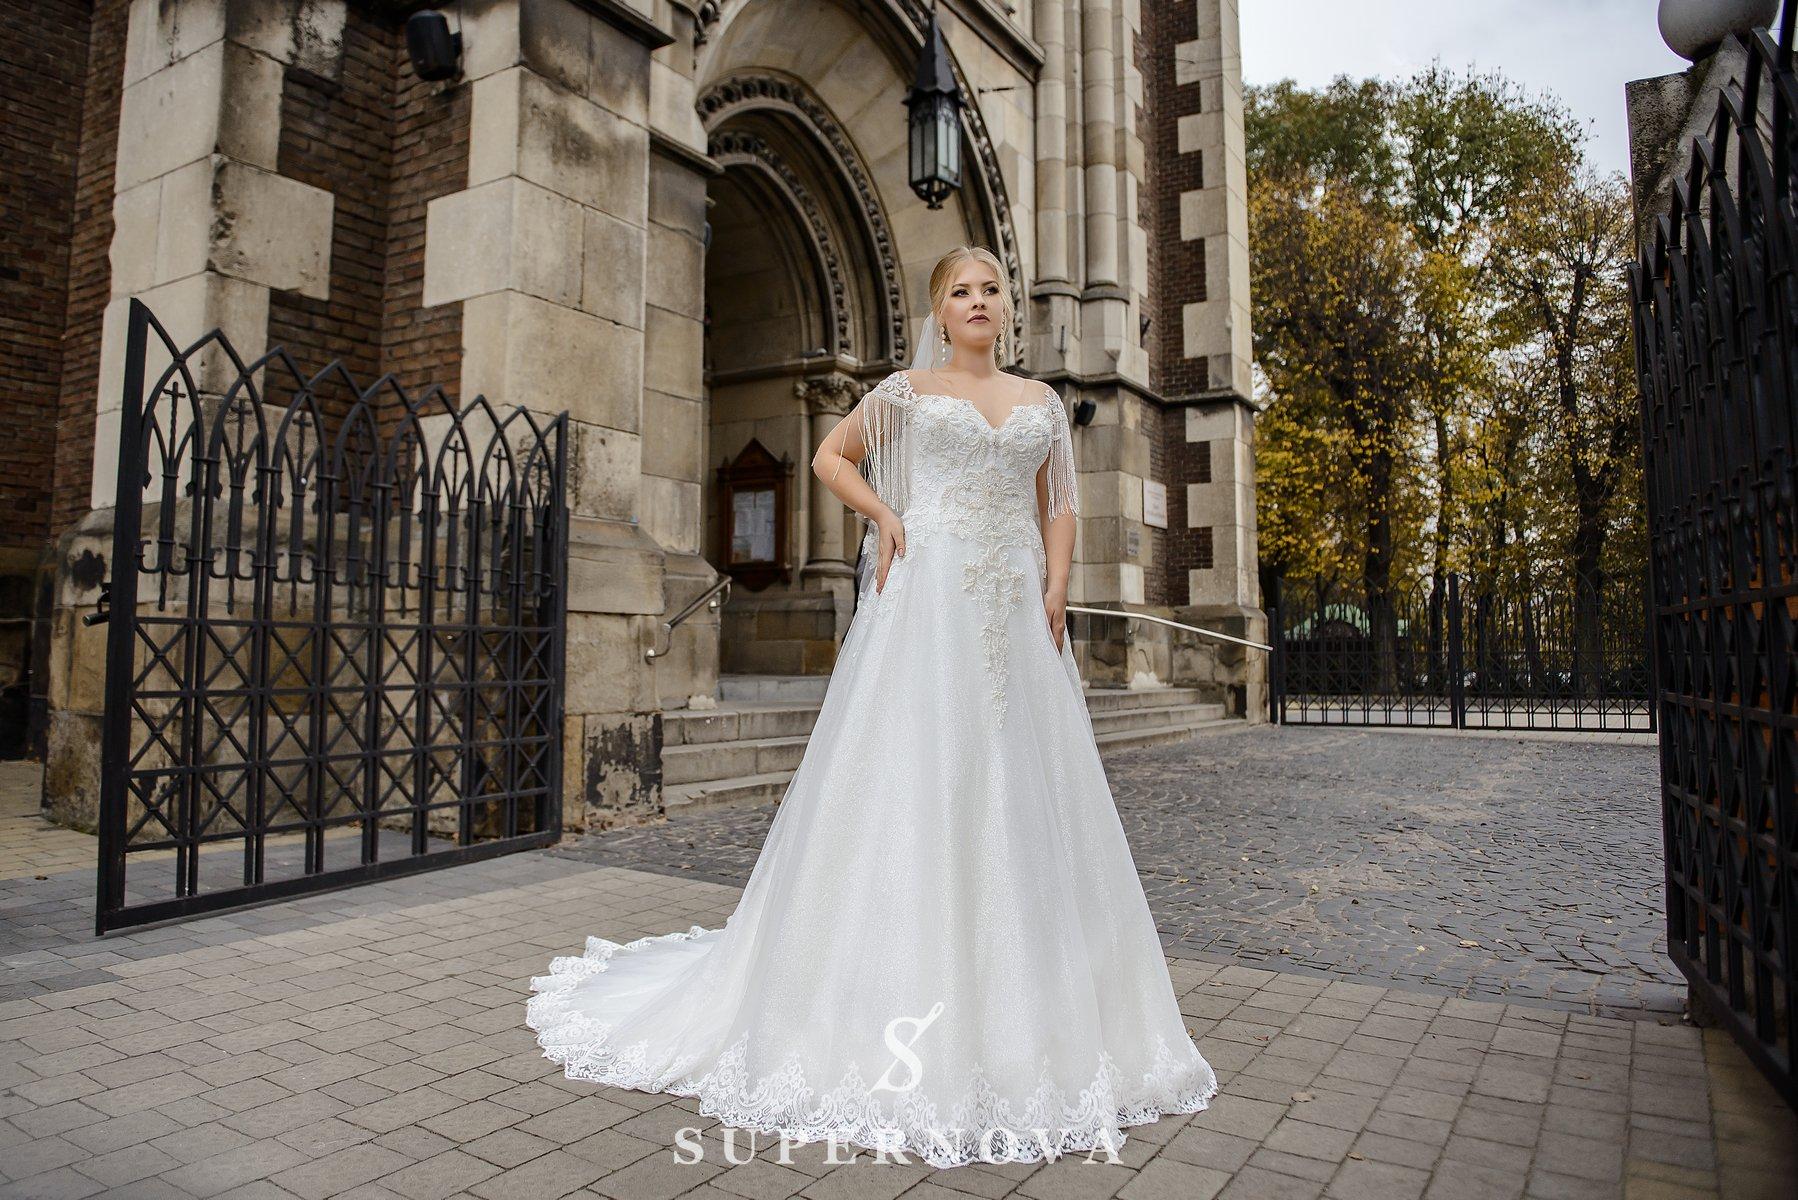 Весільна сукня з бахромою на рукавачиках великих розмірів оптом від SuperNova-1